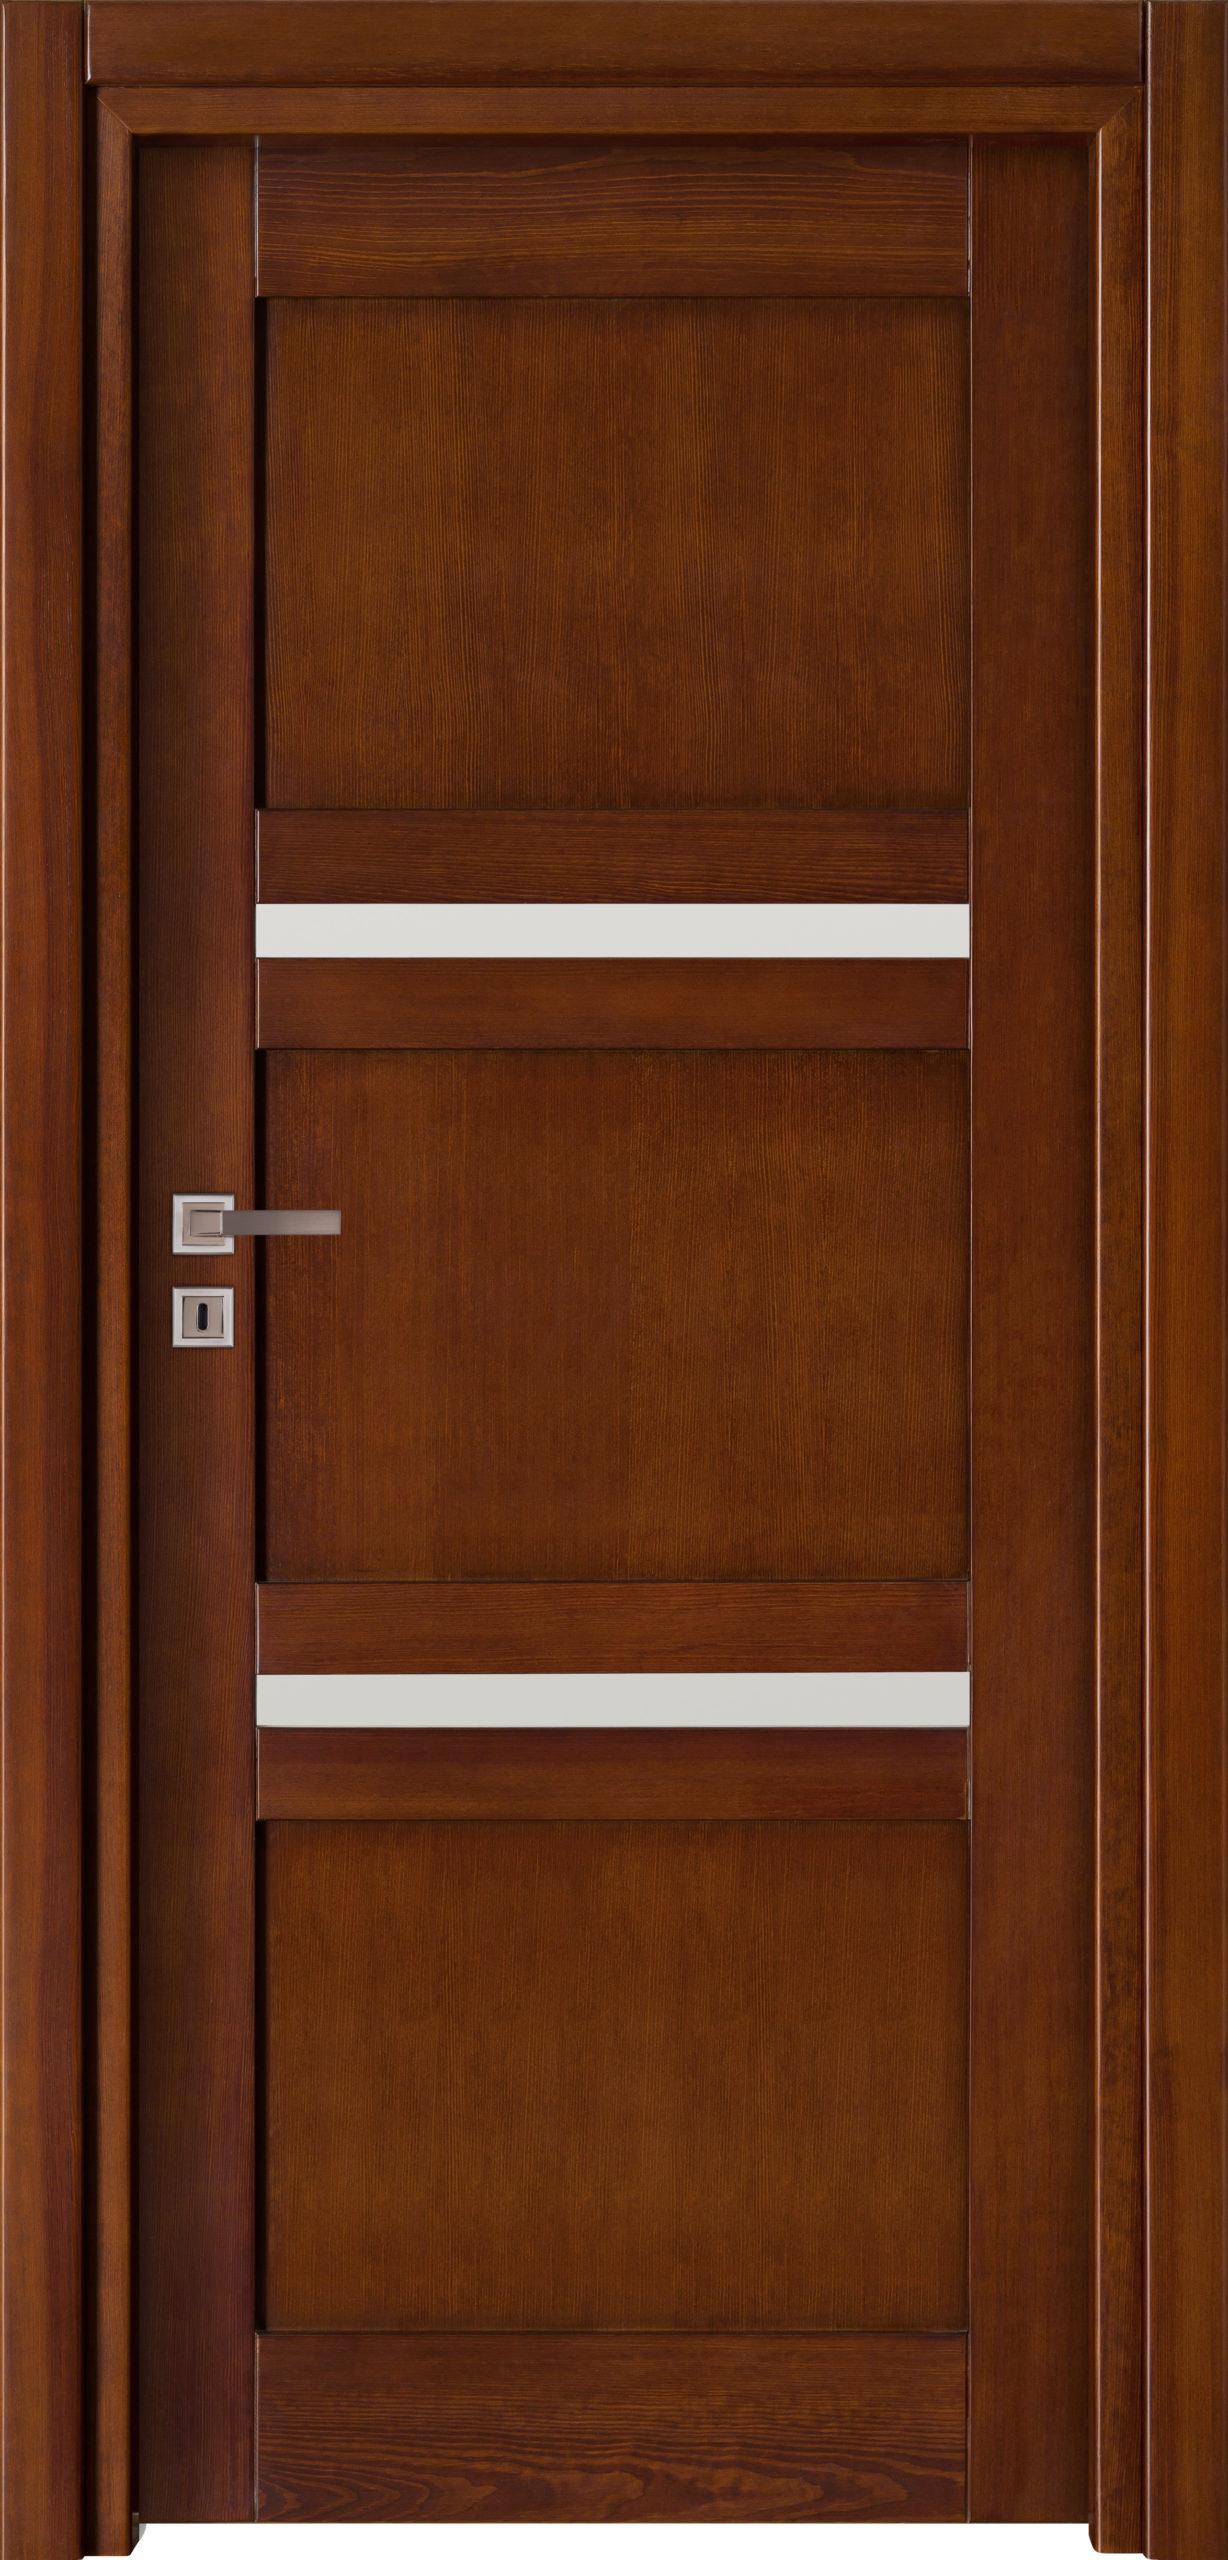 Tanger B4 - jesion - ciemny calvados - szklenie lacomat bezpieczny - ościeżnica przylgowa regulowana drewniana prosta (IIa)